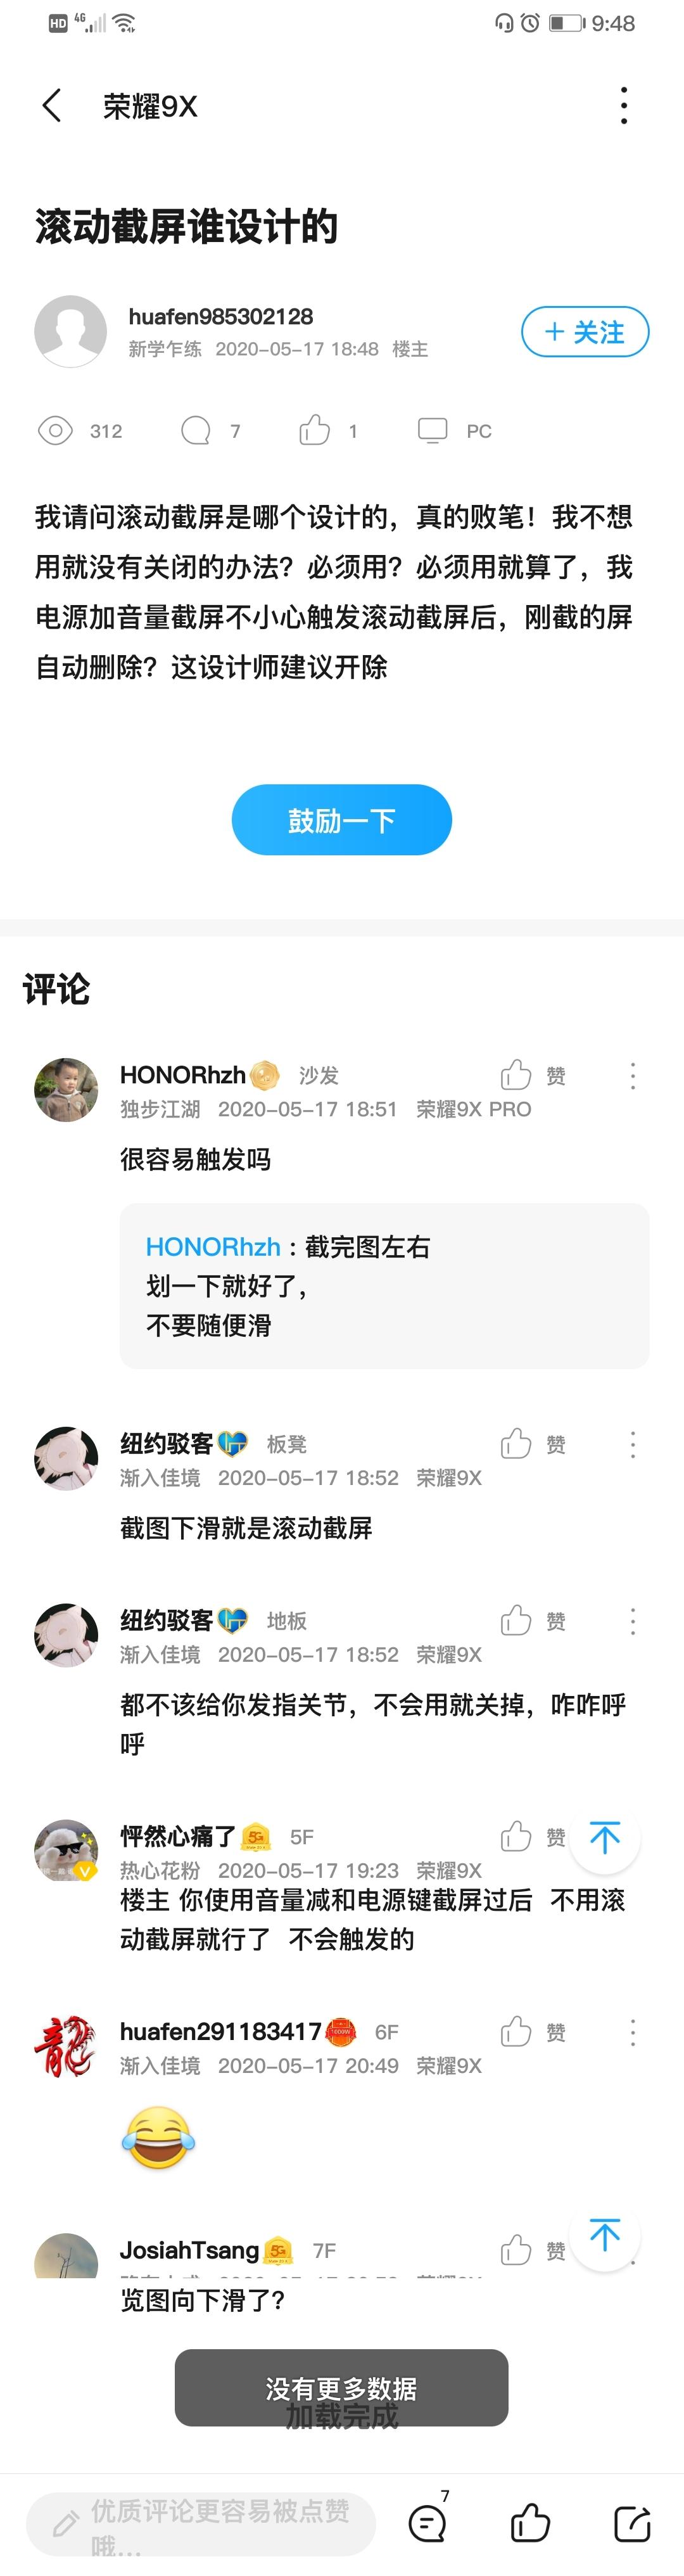 Screenshot_20200517_214818_com.huawei.fans.jpg